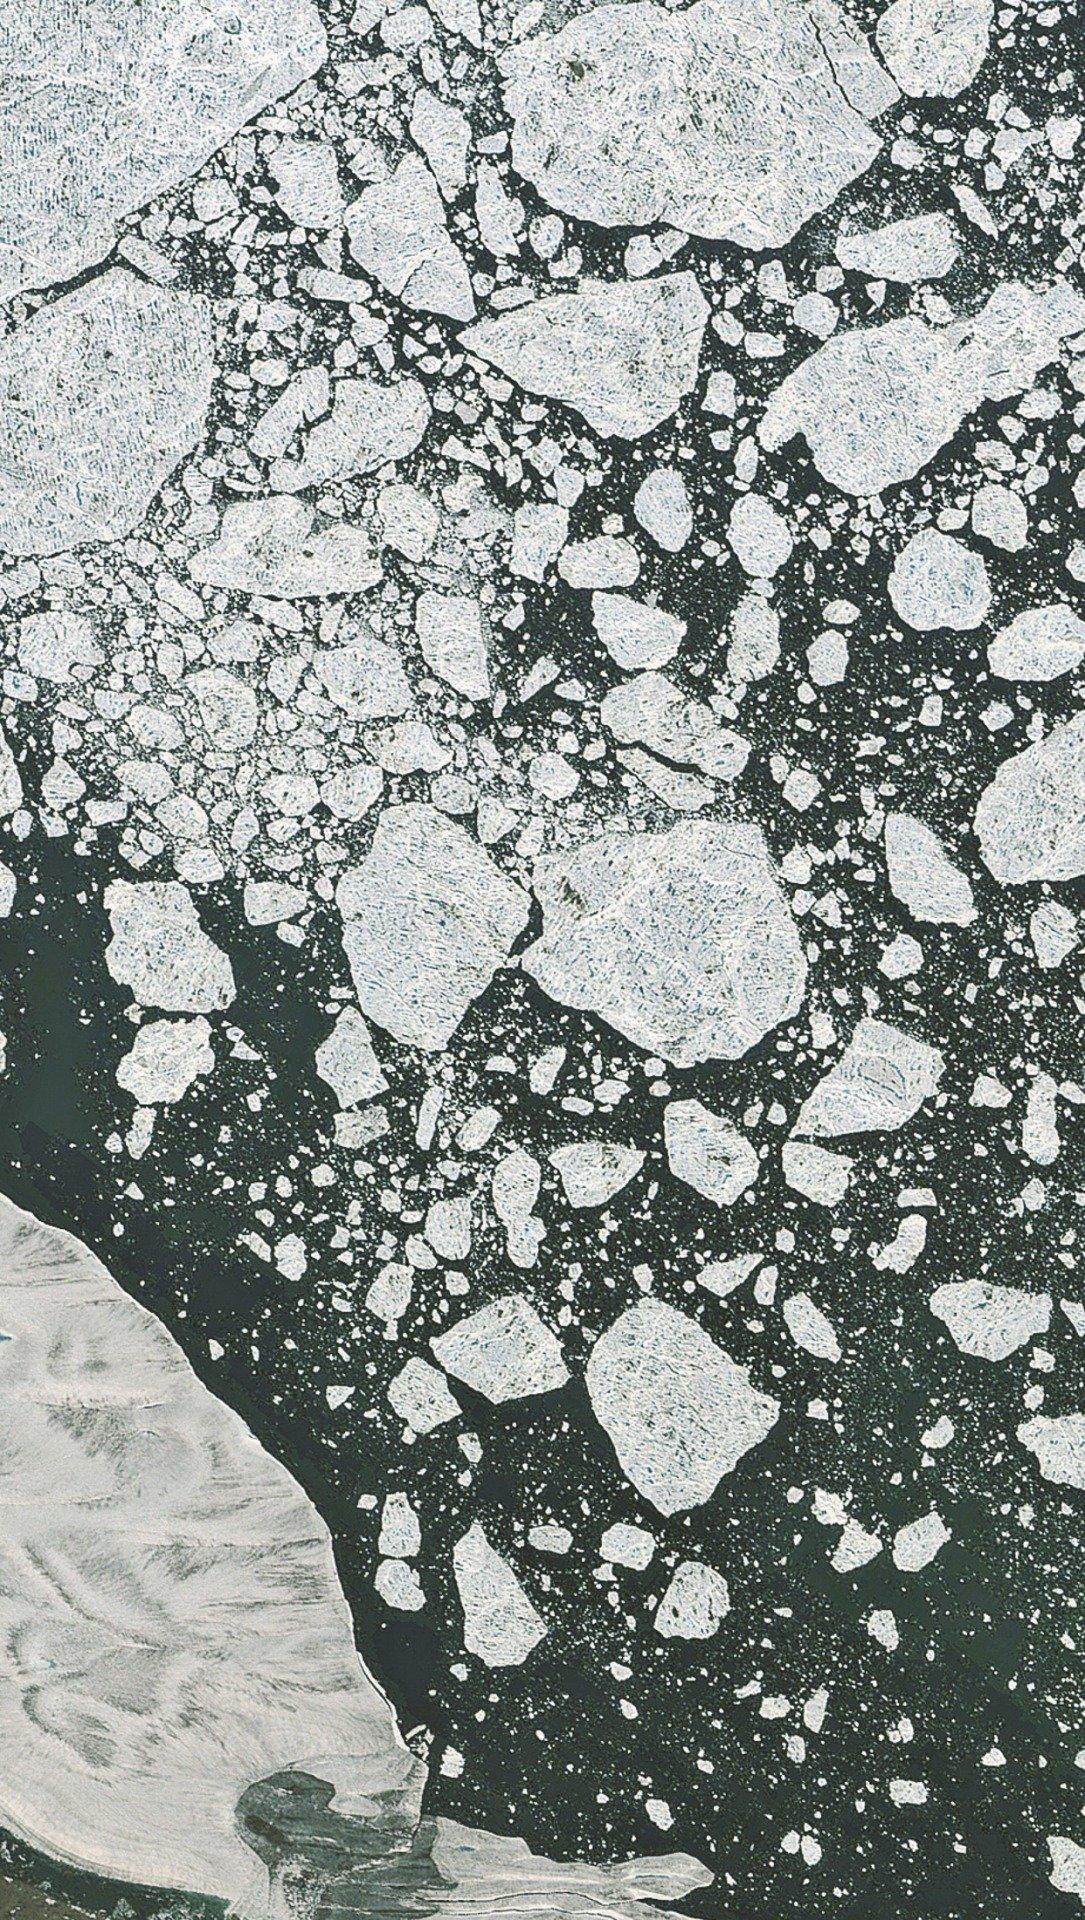 Фотографии Земли в качестве обоев для телефона - Изображение 5